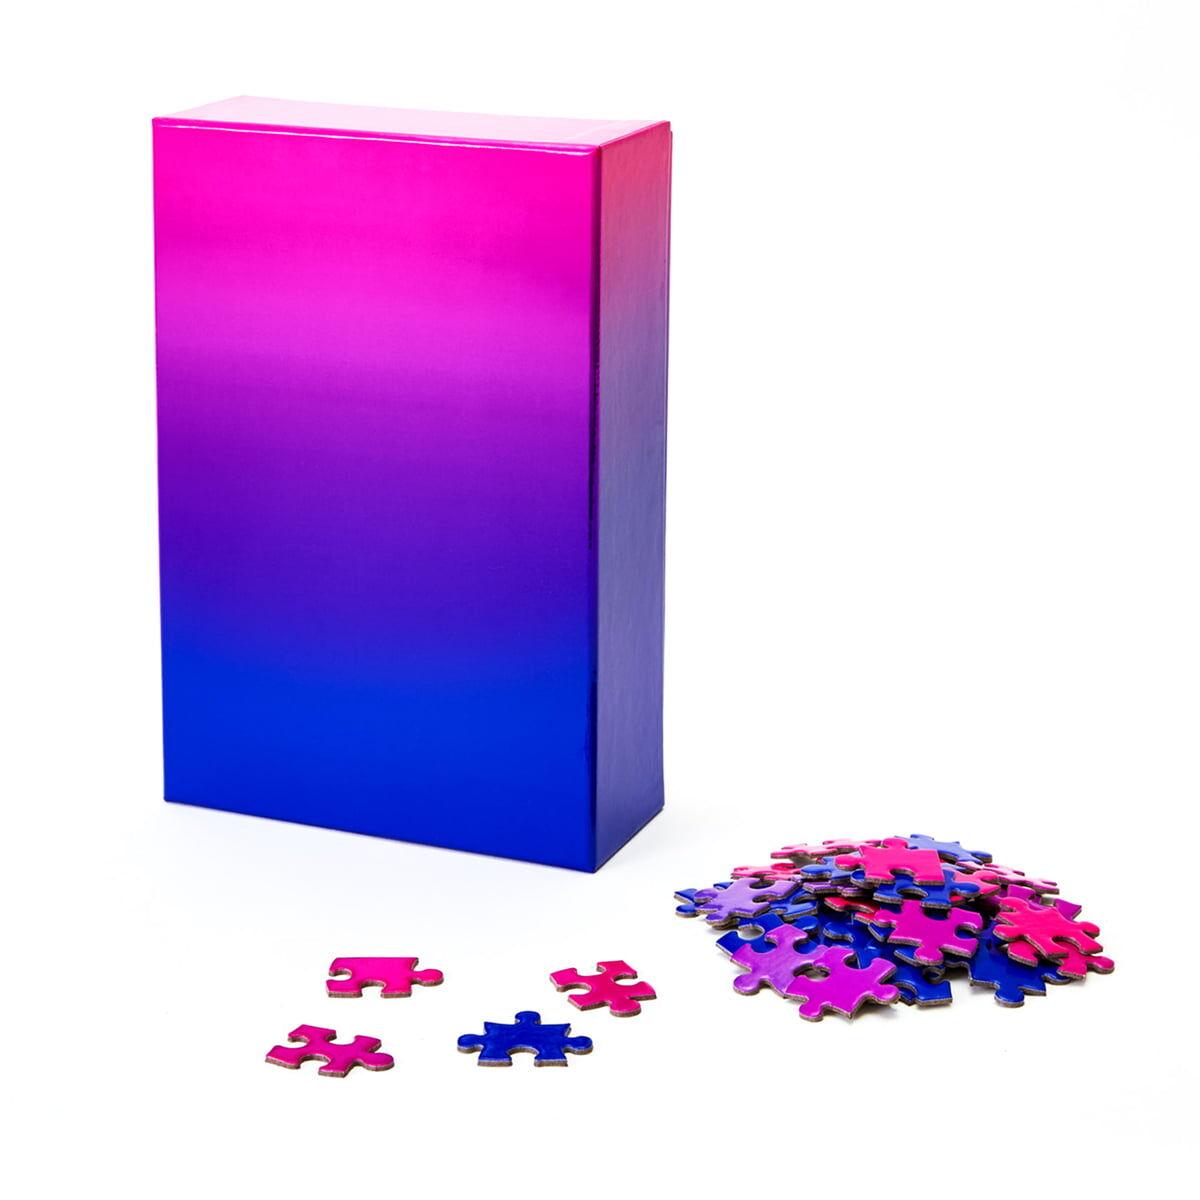 Areaware - Farbverlauf Puzzle, blau / rosa (500-tlg.)